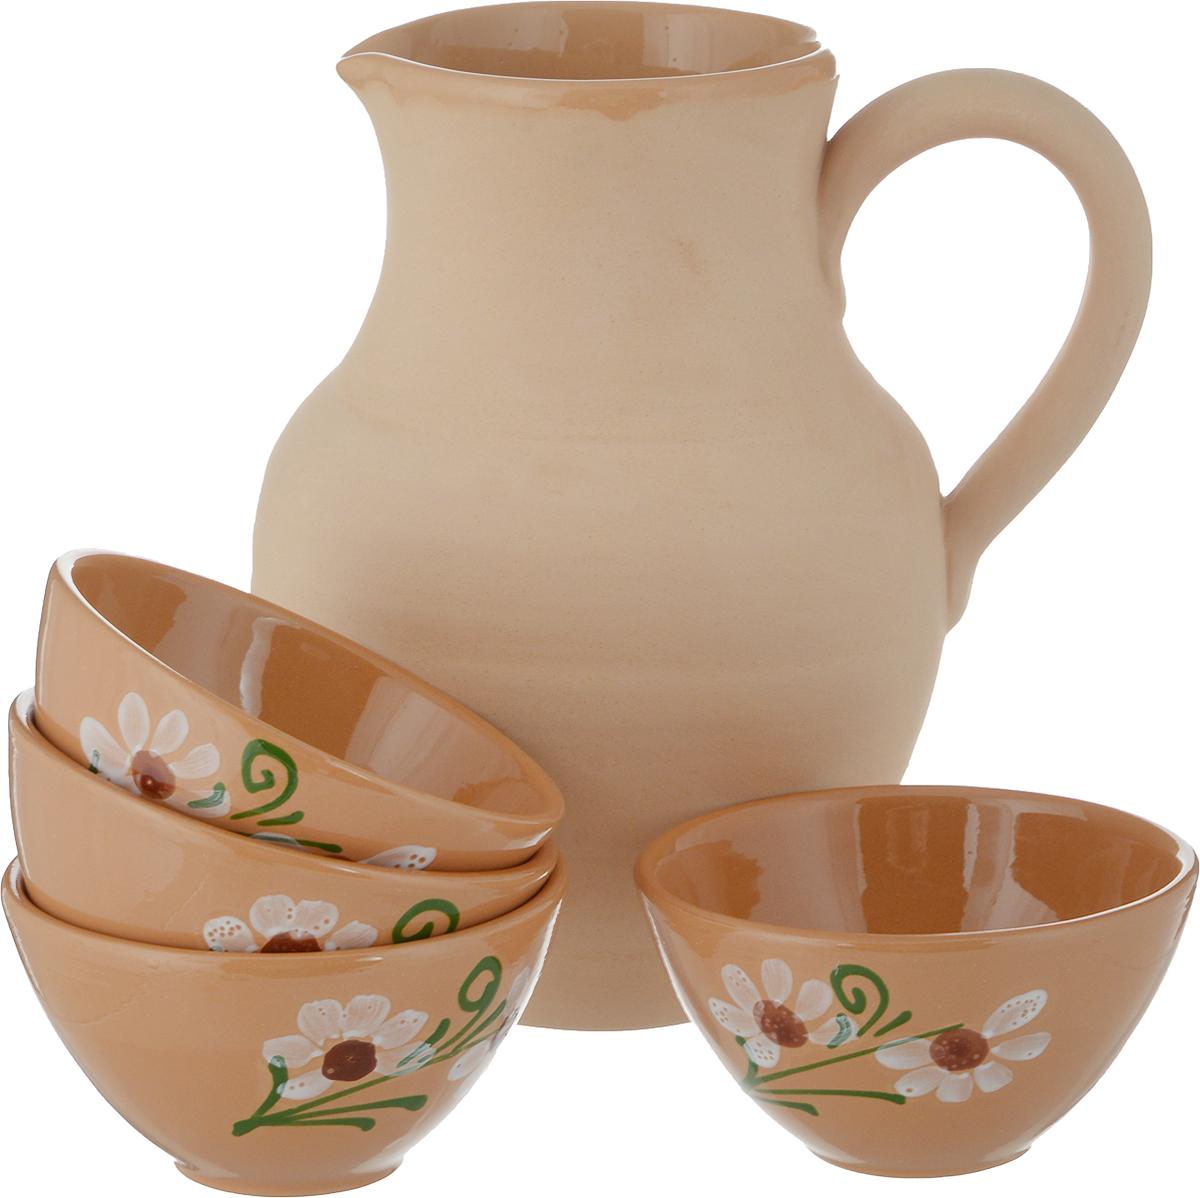 """Набор """"Борисовская керамика"""" состоит из кувшина и четырех пиал. Изделия выполнены из  высококачественной керамики. Природные свойства этого материала позволяют долго  сохранять температуру напитка, даже если вы пьете что-то холодное. Кувшин оснащен удобной  ручкой и прекрасно подходит для подачи воды, сока, компота и других напитков. Внешние стенки  изделий оформлены оригинальным рисунком Такой набор эффектно украсит любой кухонный  интерьер и станет хорошим подарком для ваших близких."""